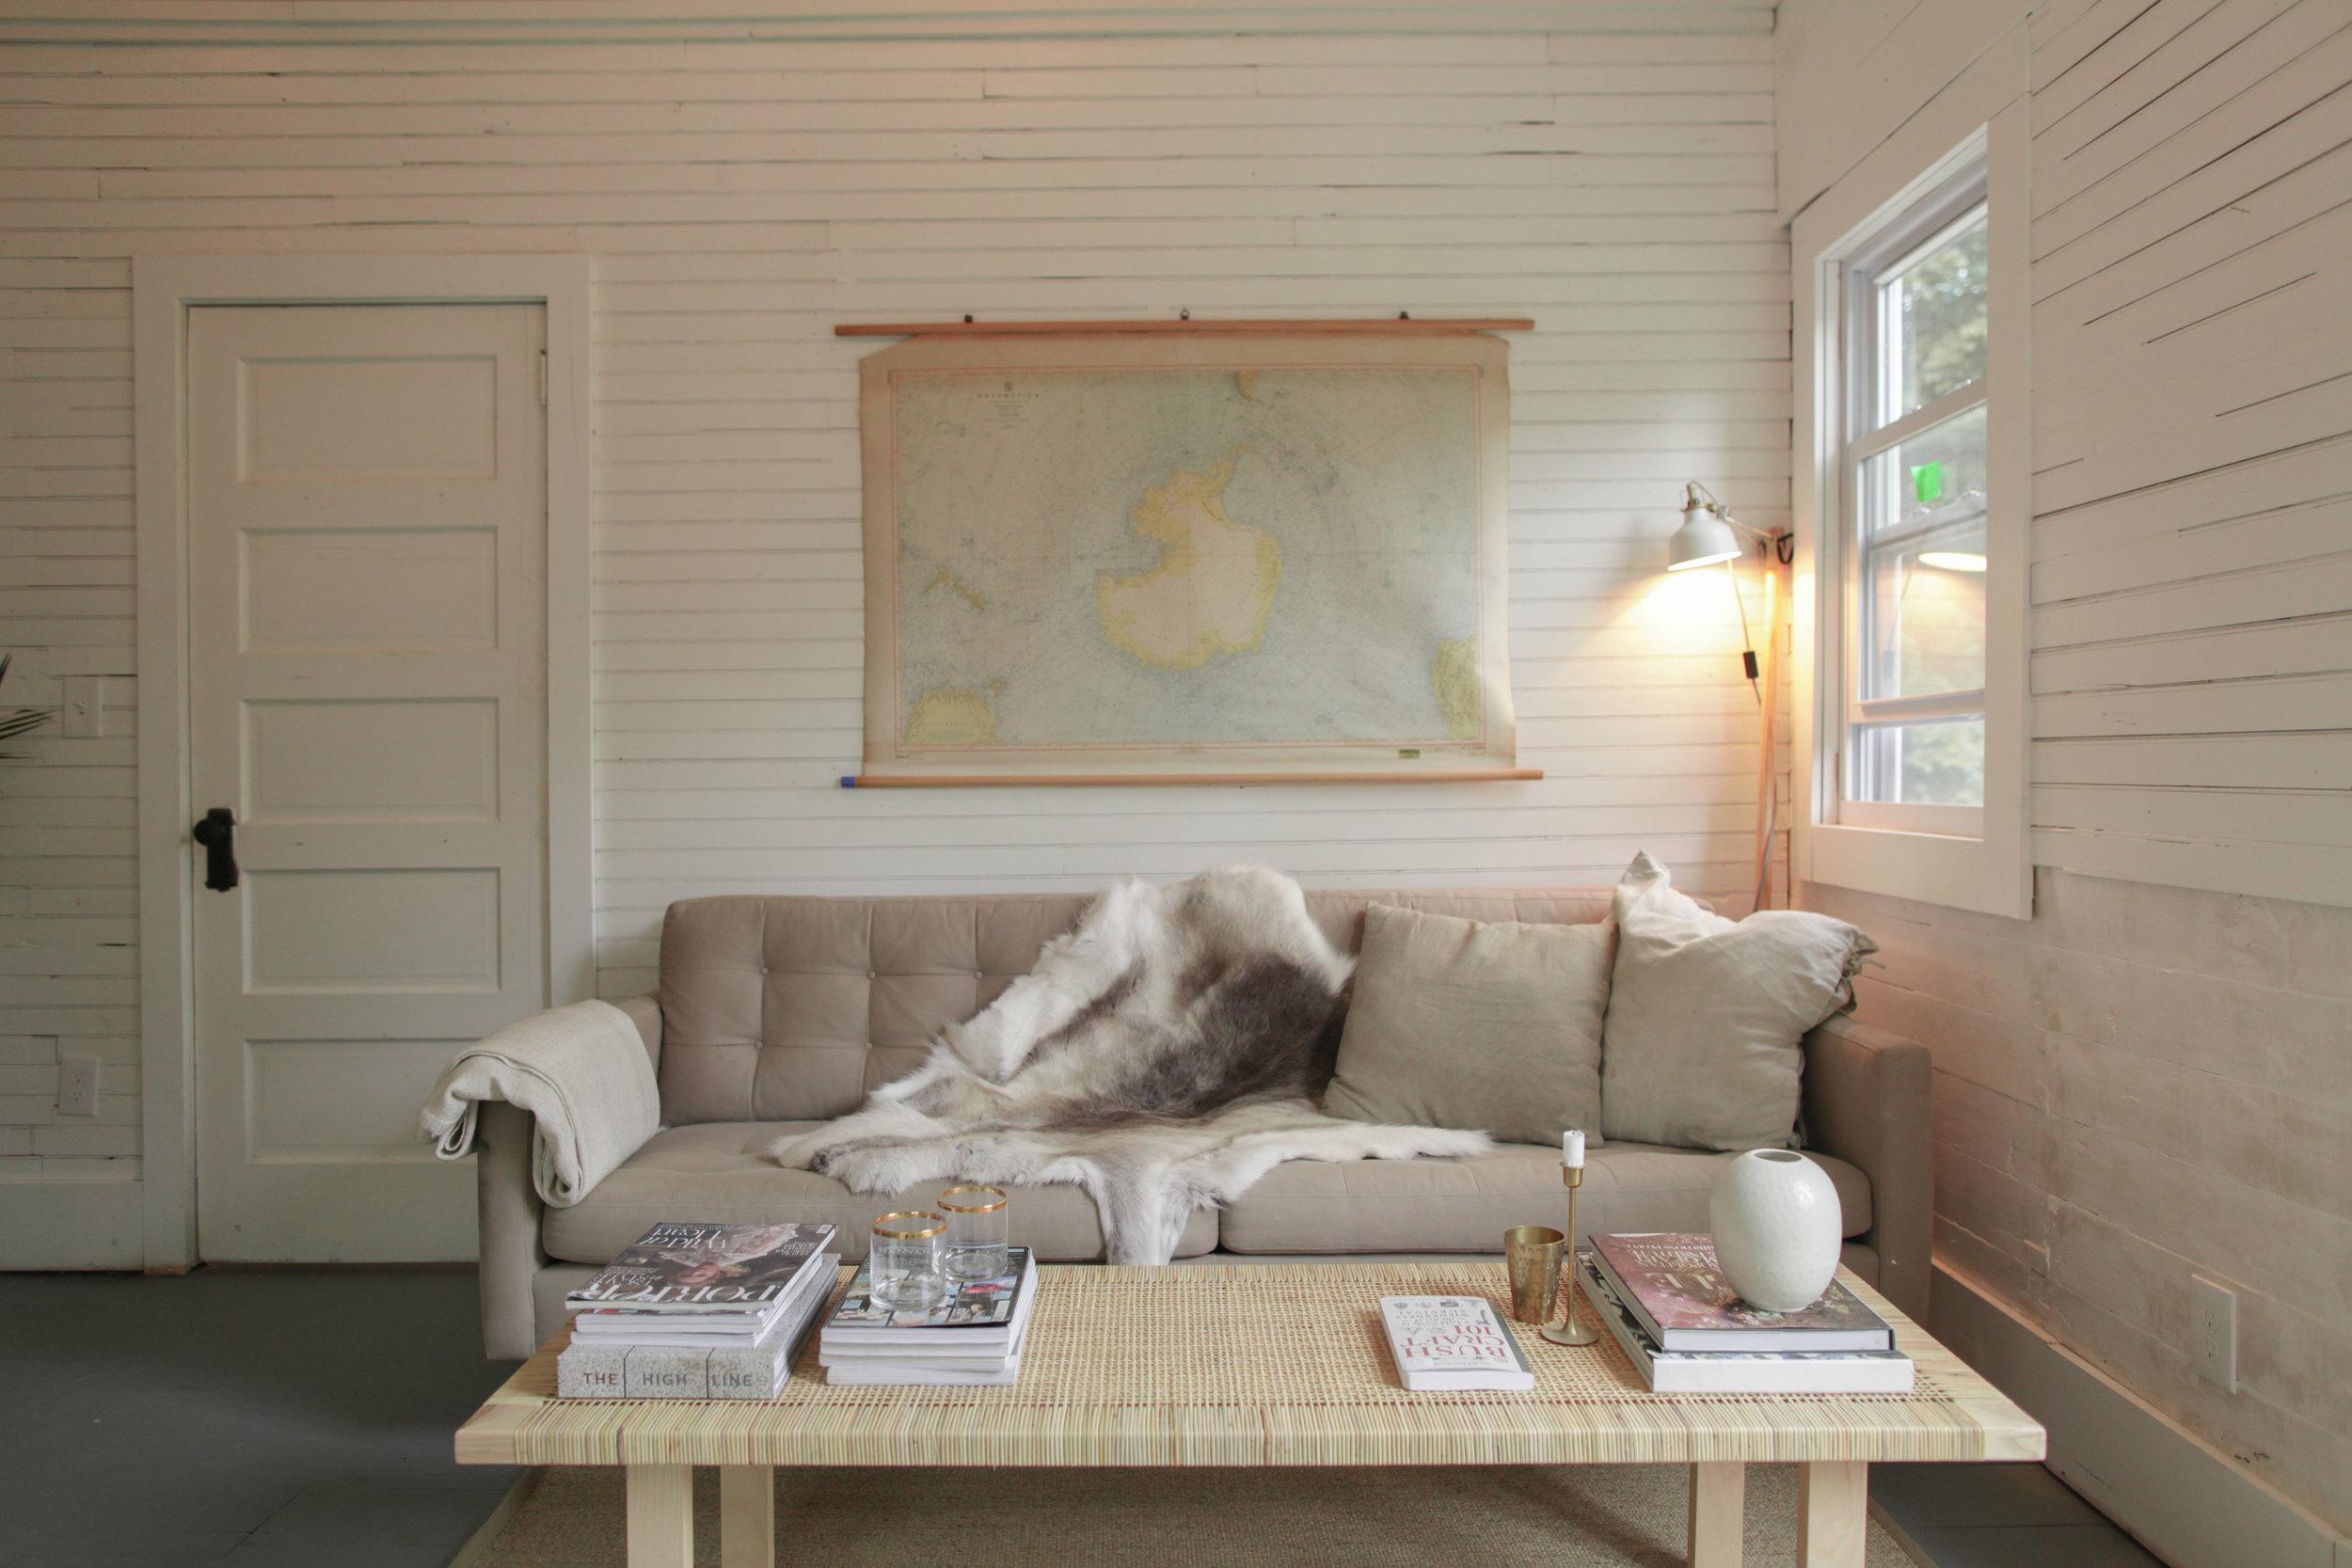 Livingston Loft Livingroom 1.jpg